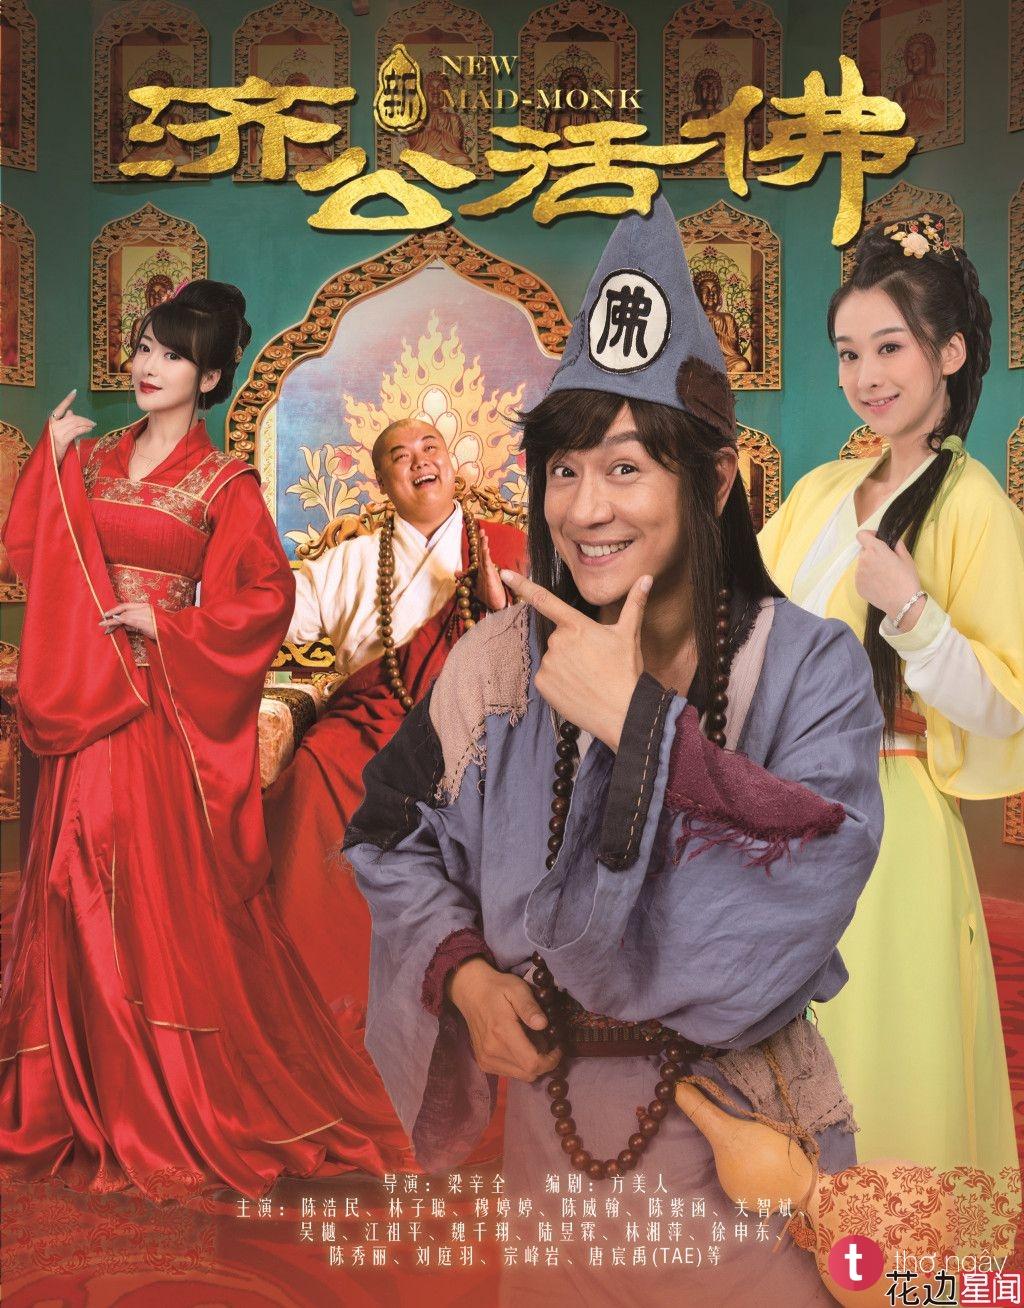 Phim Tân Hoạt Phật Tế Công: Phần 4 - The Legend Of Crazy 4